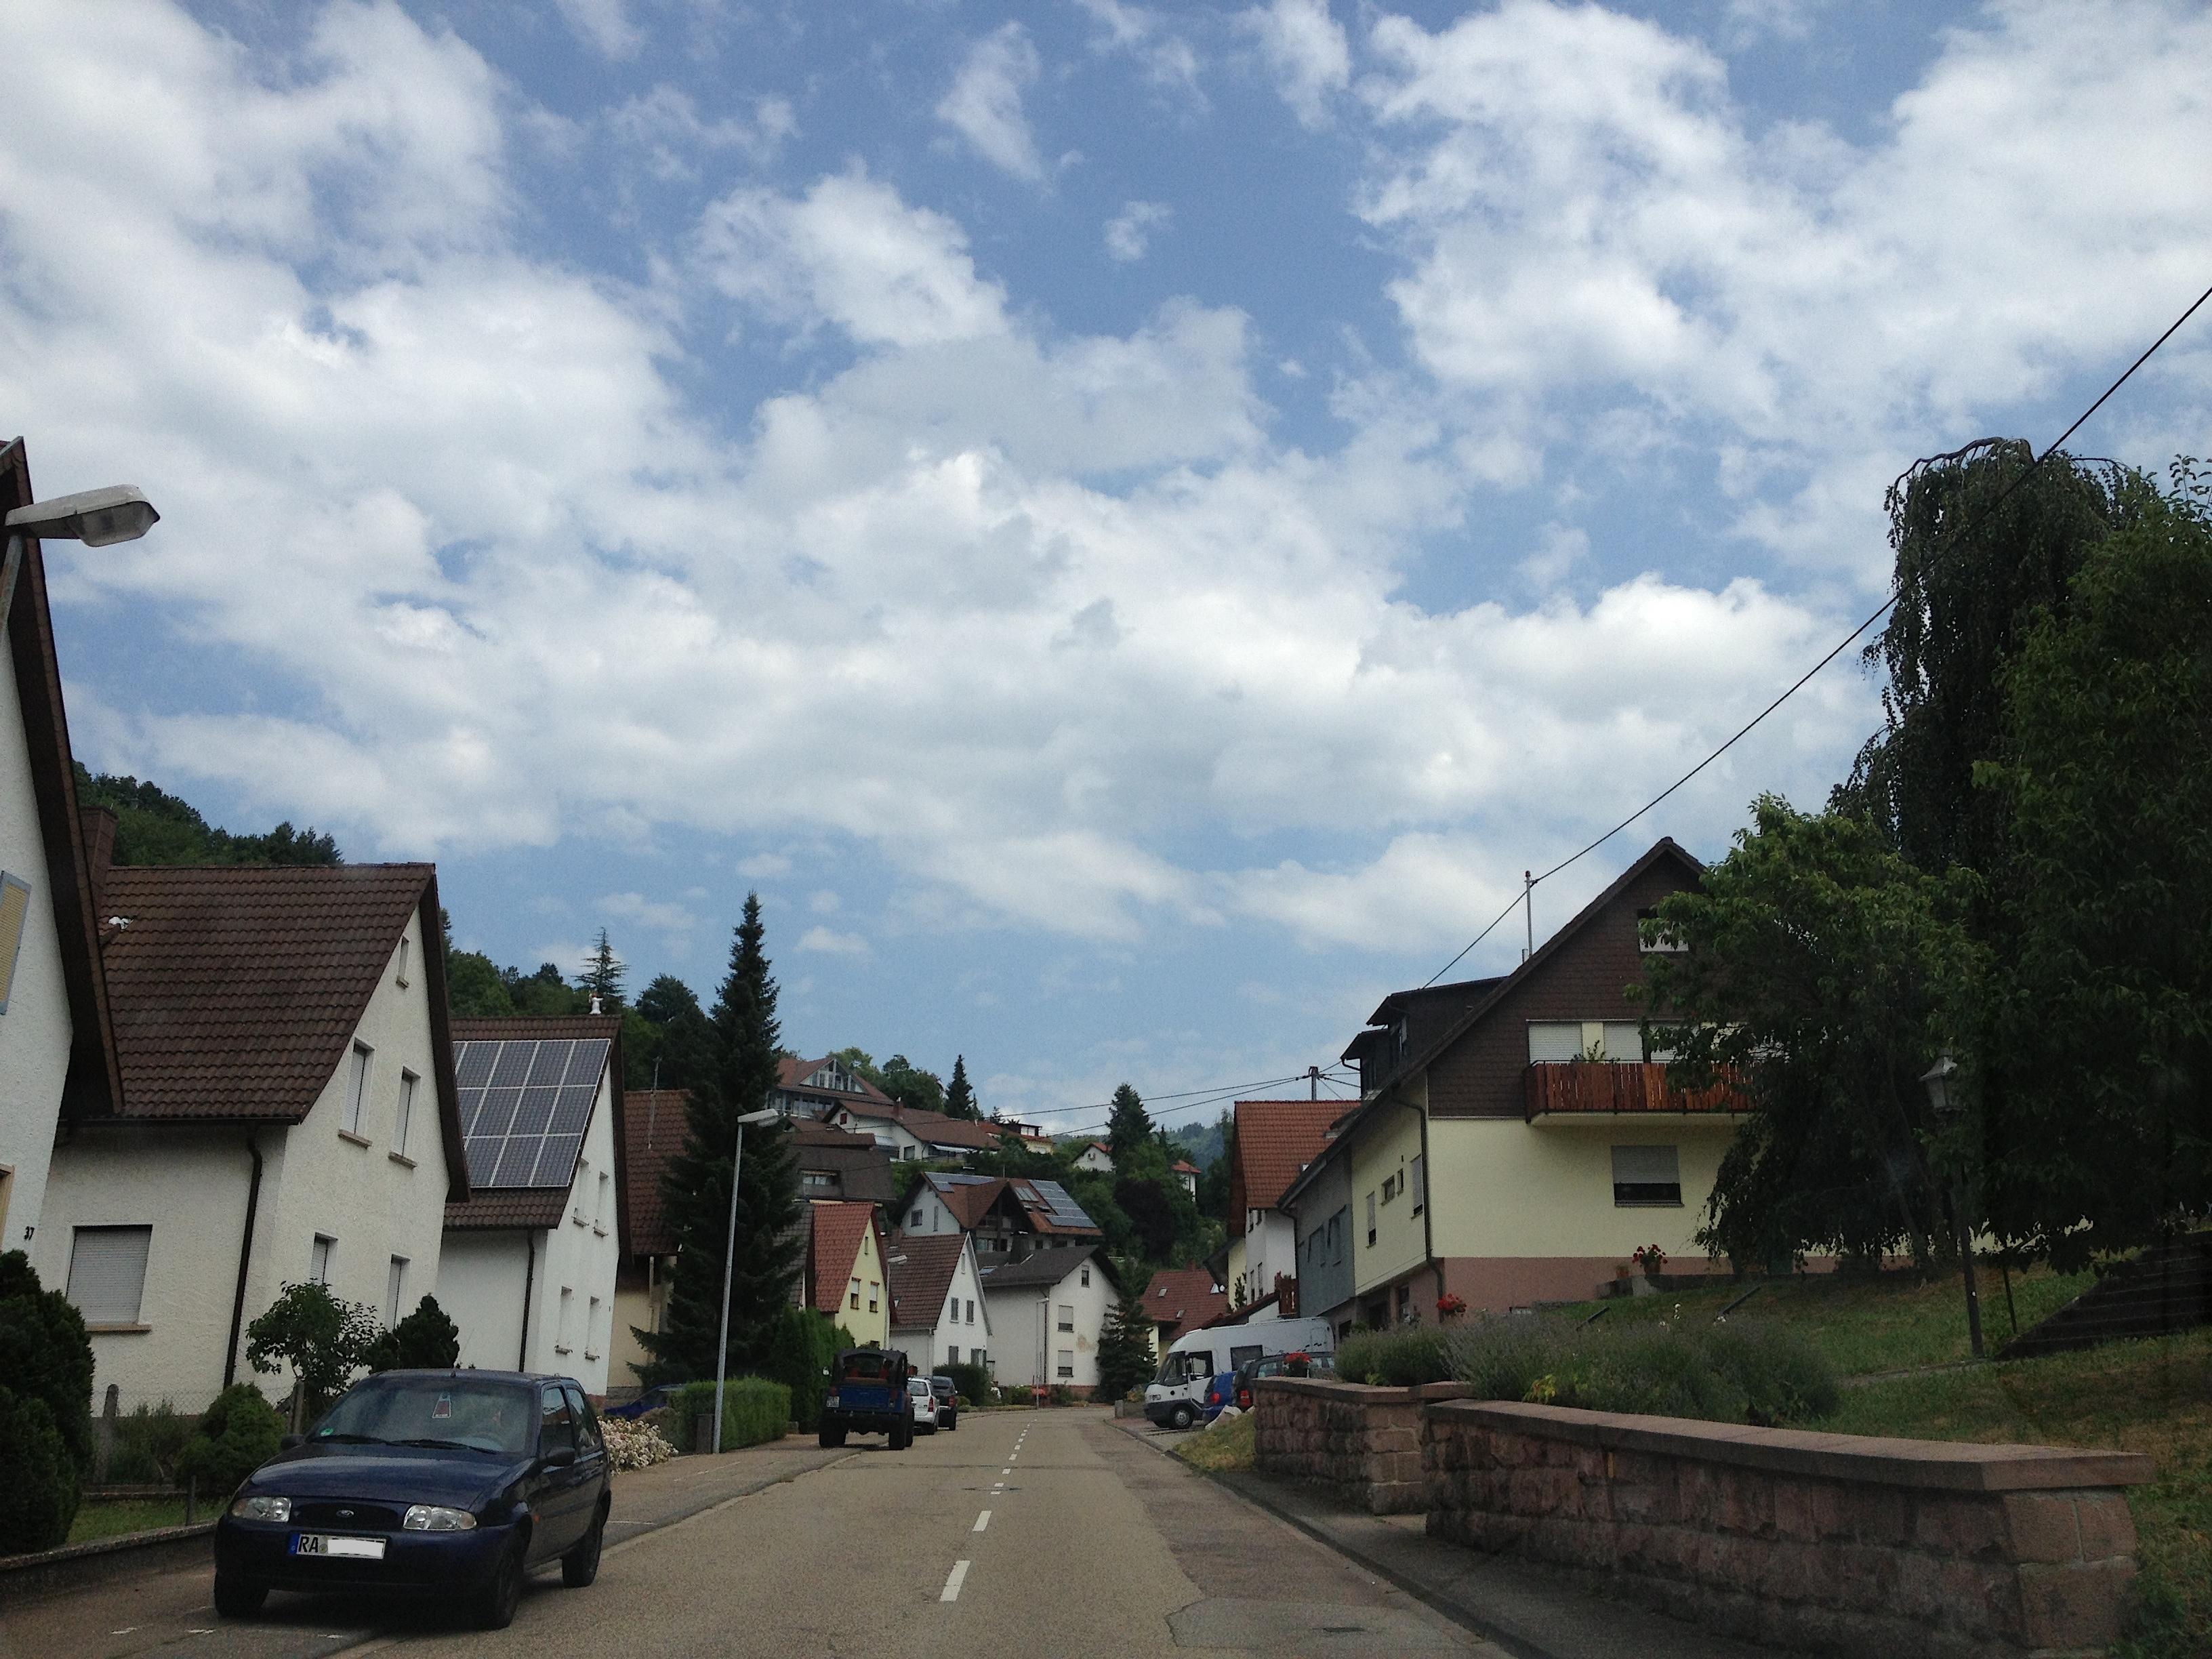 Detektei in Rastatt auf verdeckter Observation